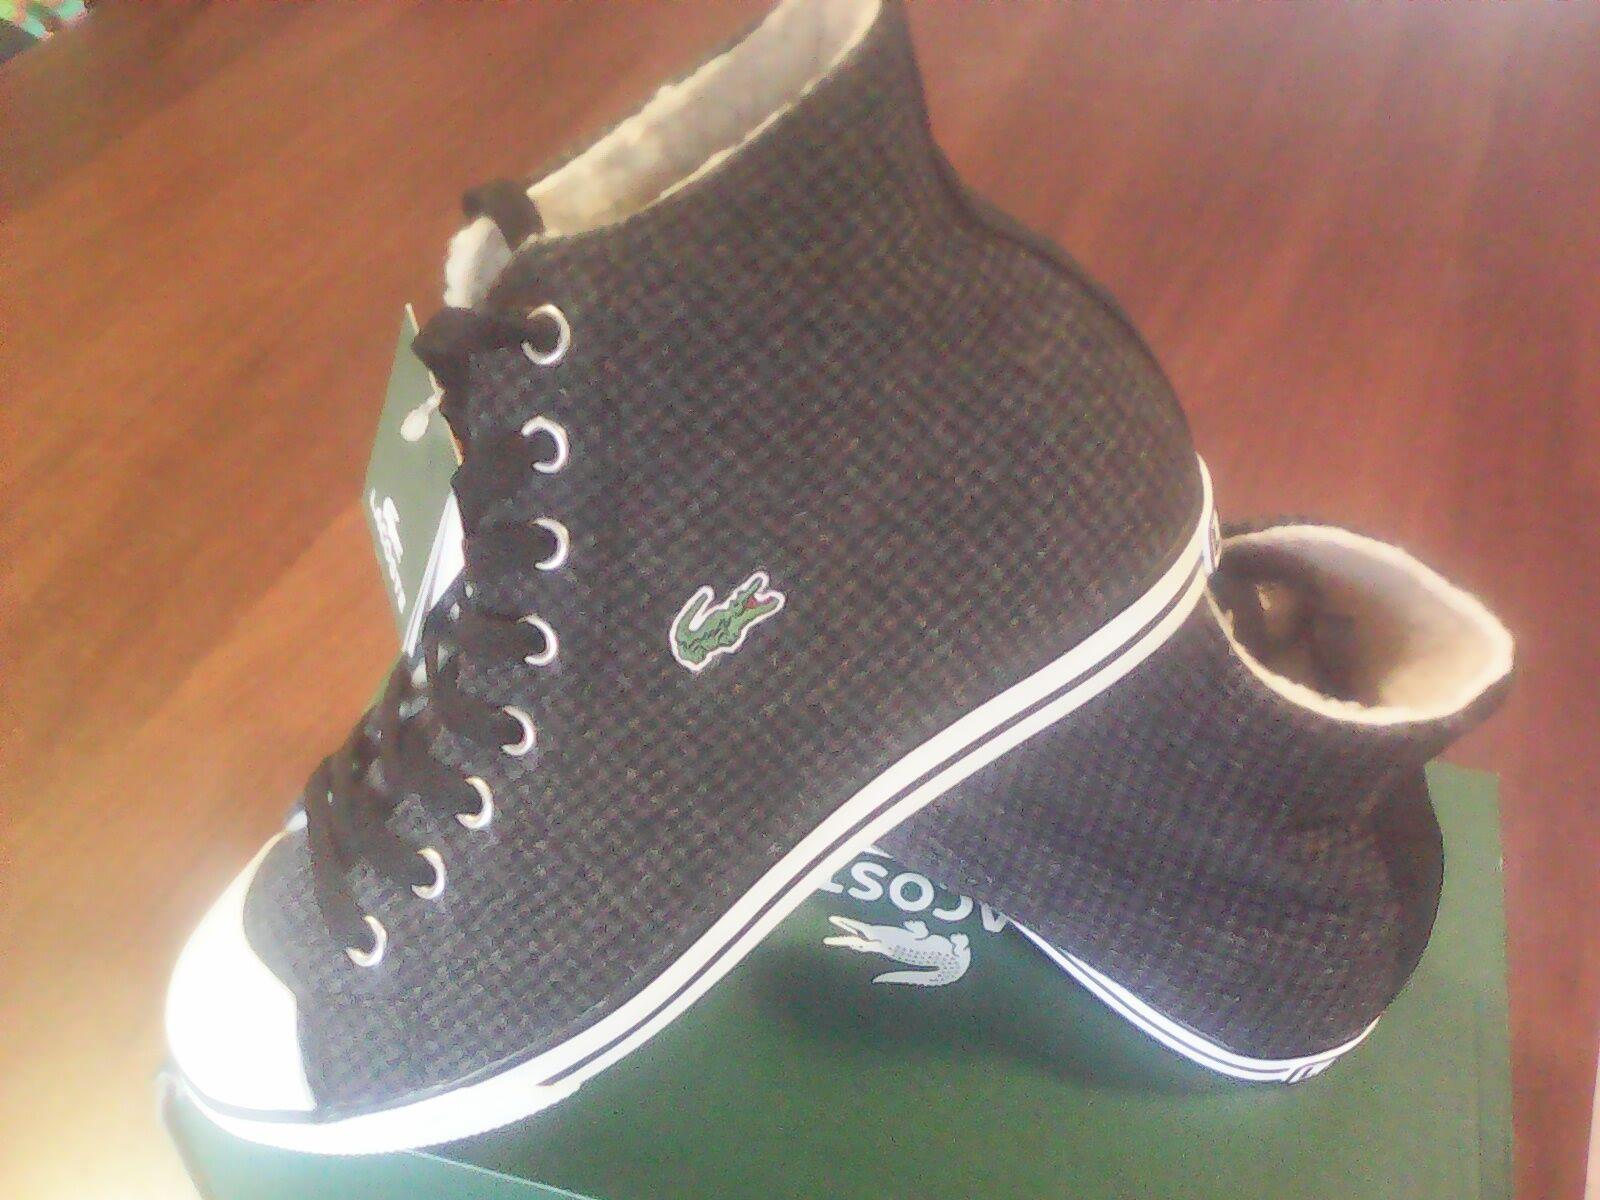 shoes women  SNEAKERS RAGAZZA  LACOSTE LACOSTE LACOSTE ORIGINALE AUTUNNO INVERNO 500155